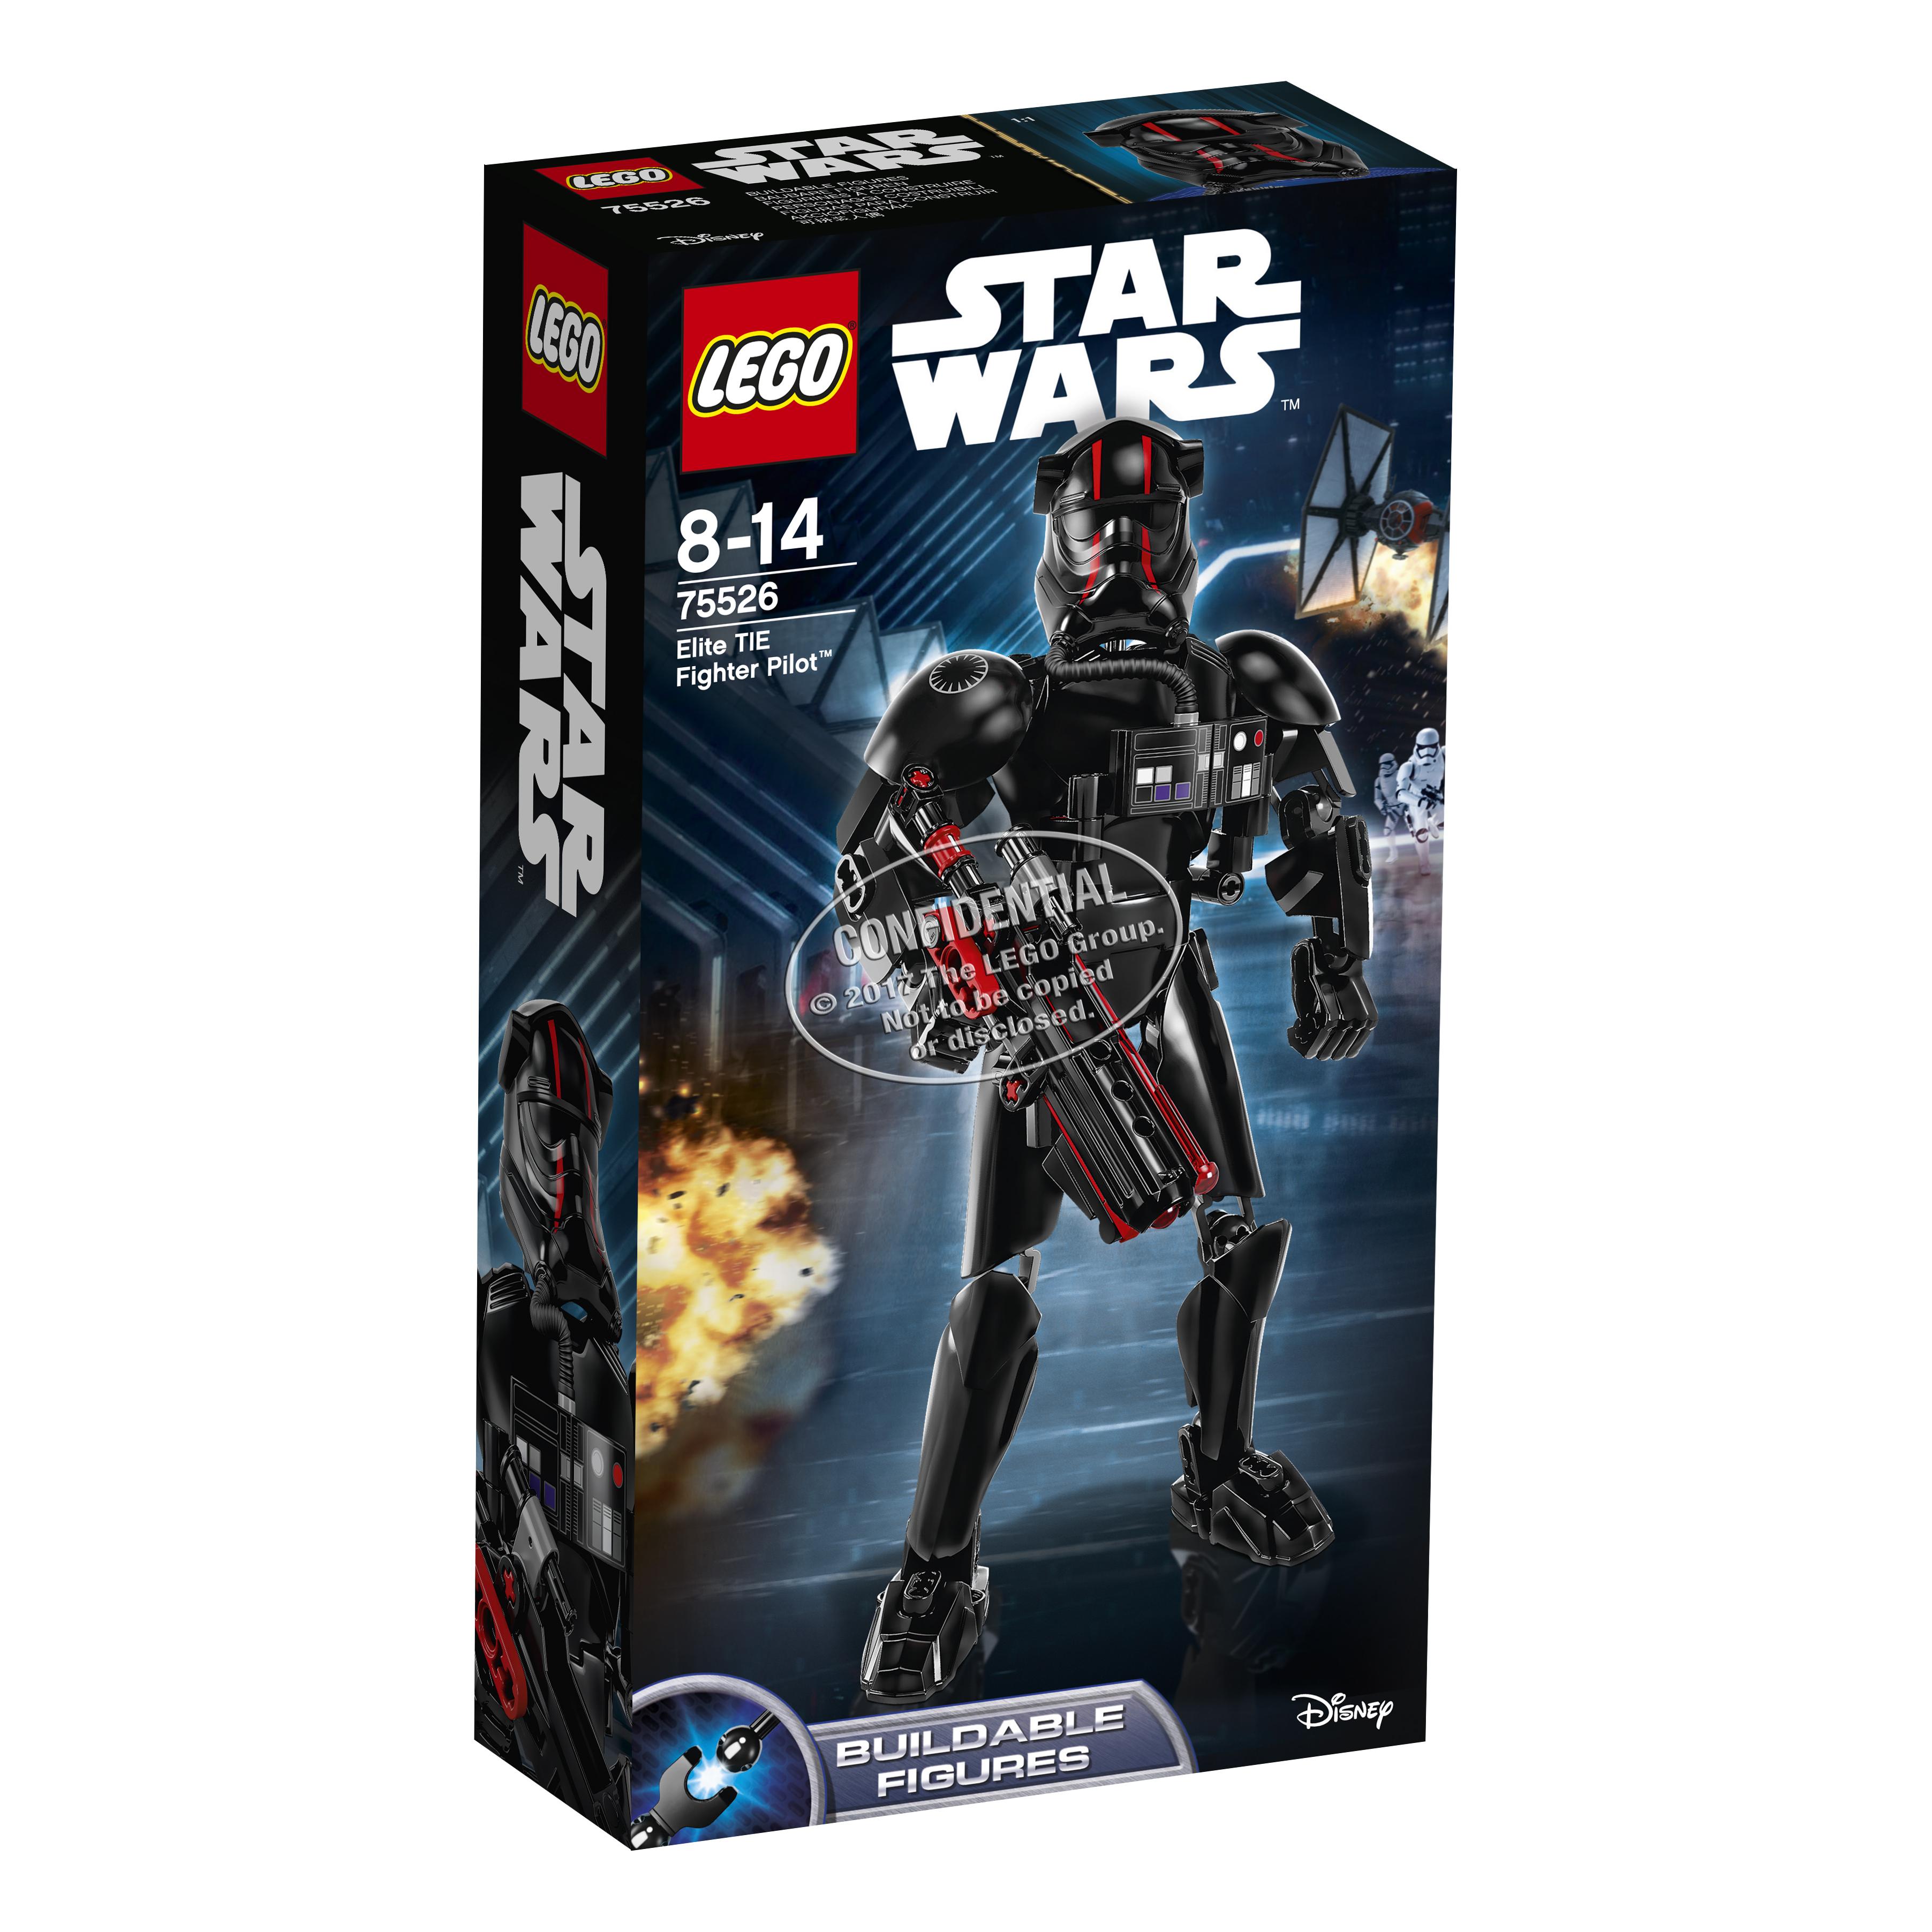 Купить со скидкой Конструктор LEGO Star Wars Constraction 75526 Elite TIE Fighter Pilot